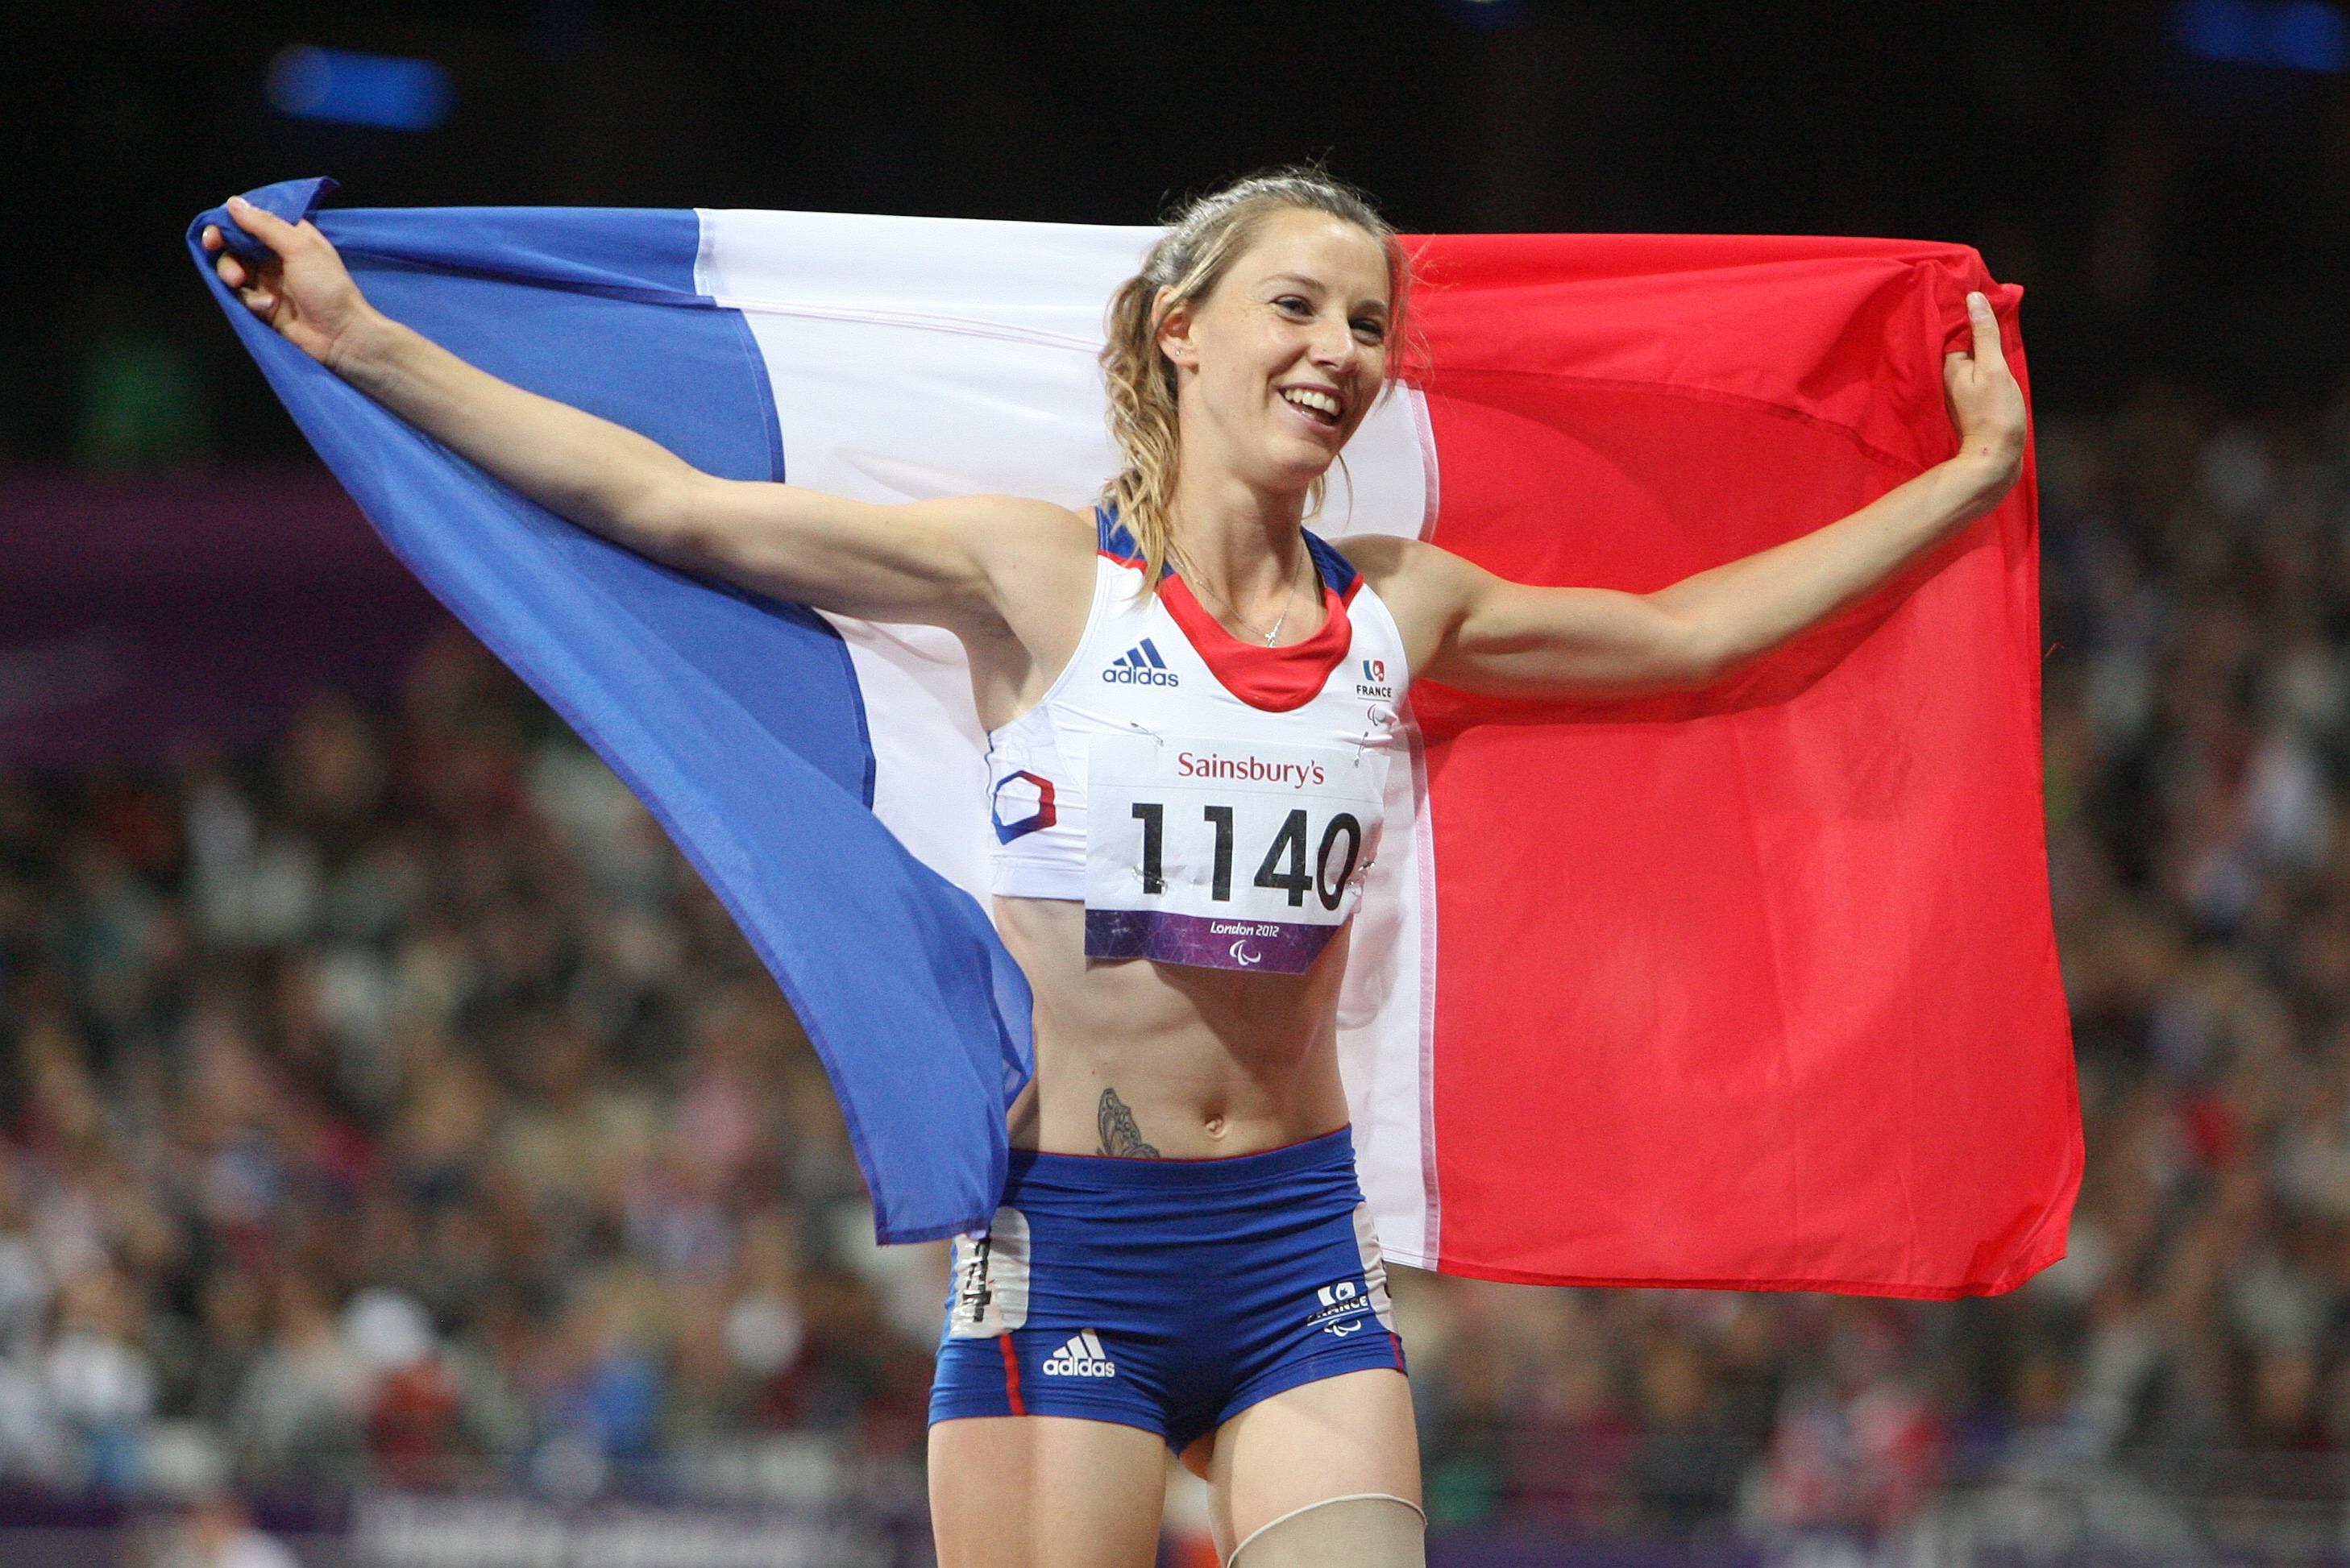 Athlétisme - Après le drame, Marie-Amélie Le Fur de retour à la compétition